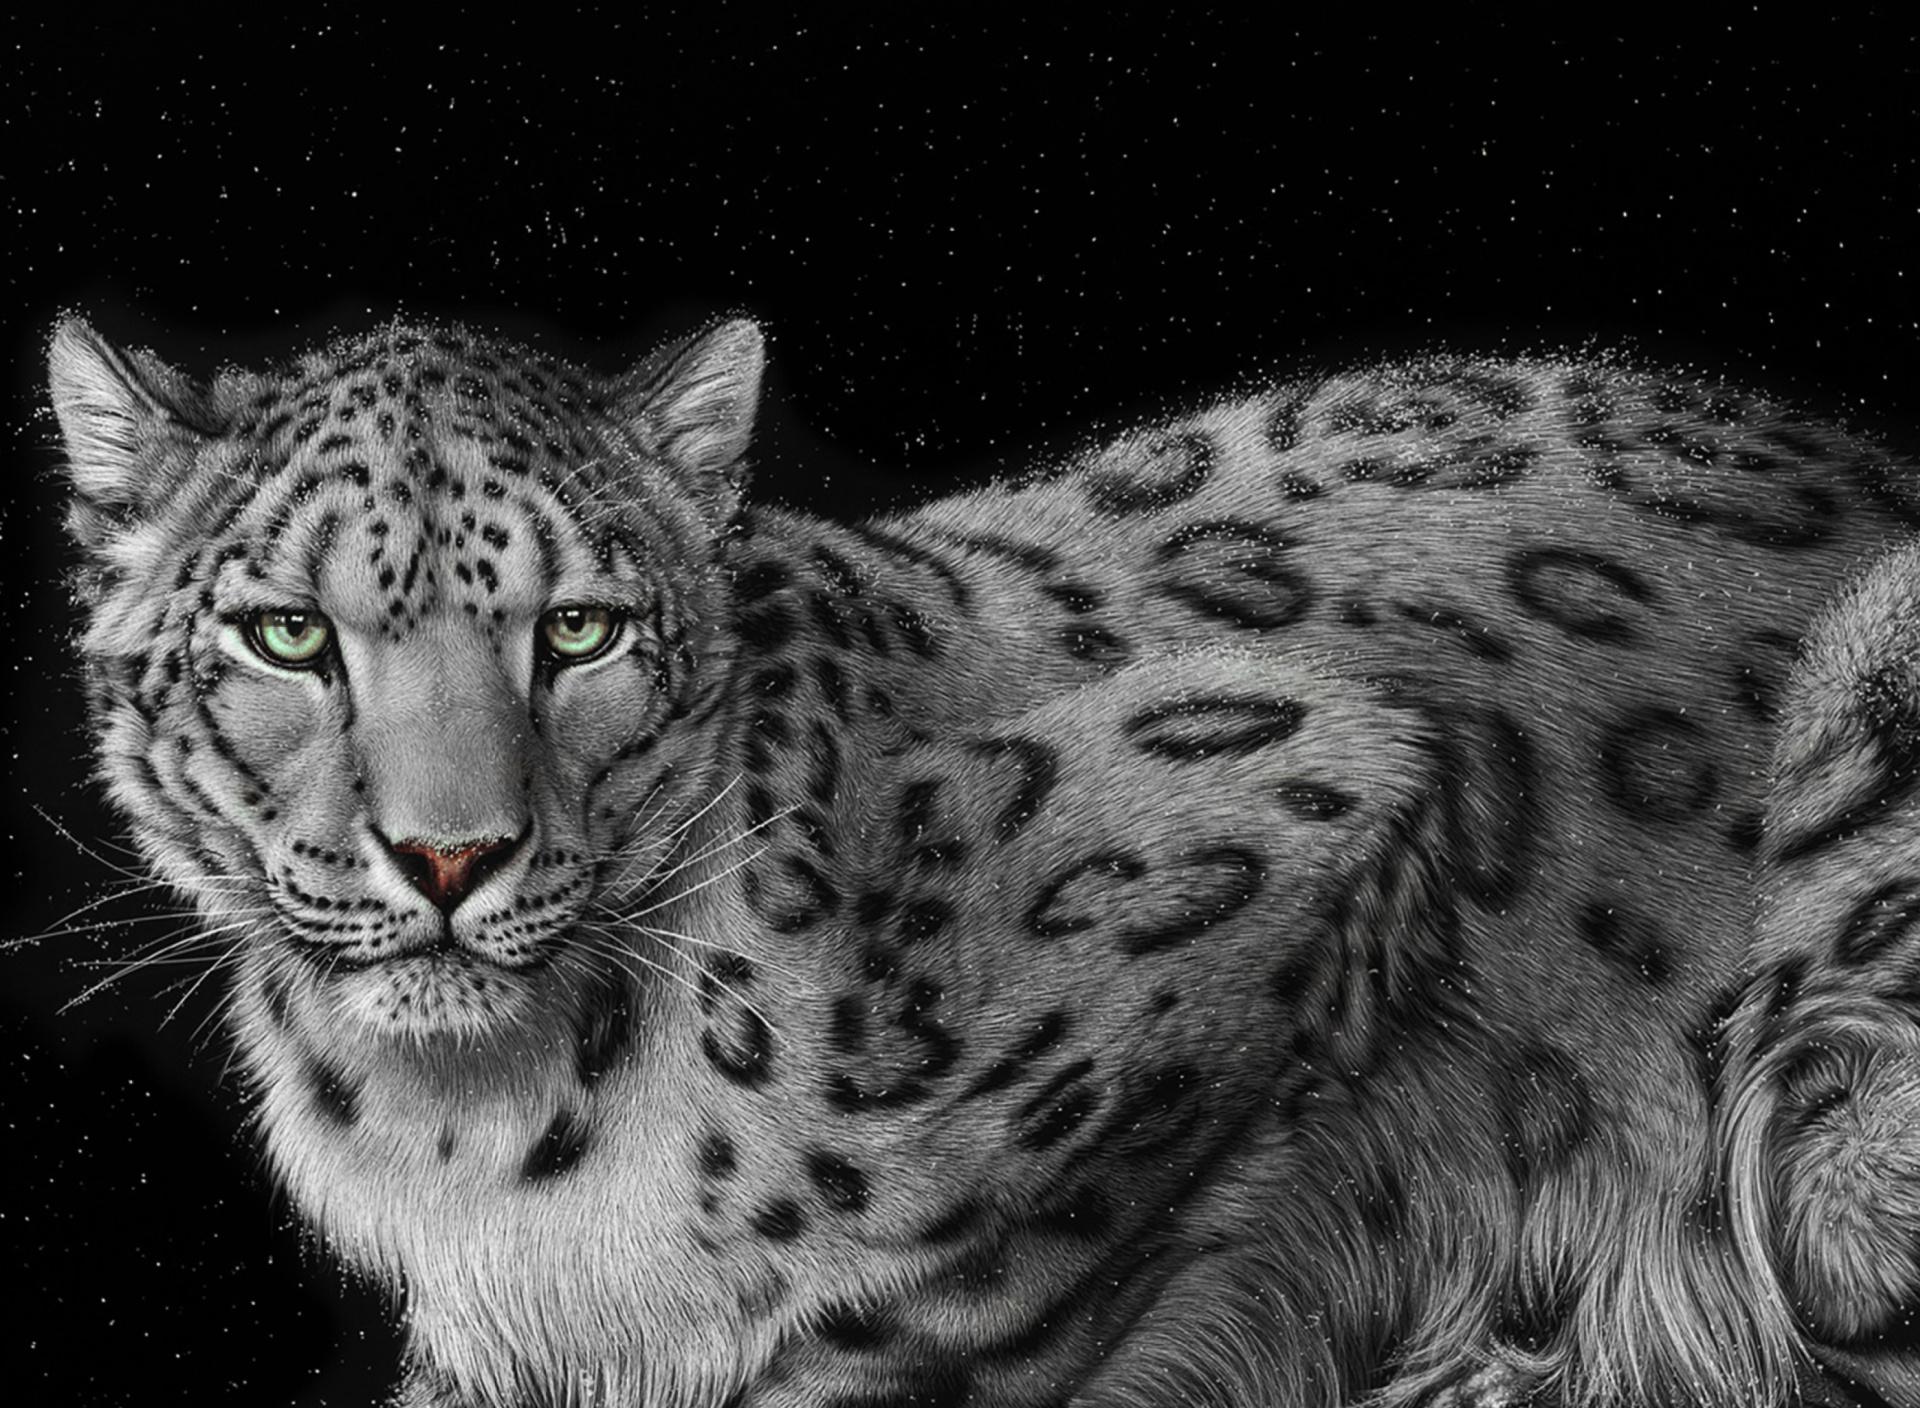 воздух запечатлеть белый леопард картинки факторами